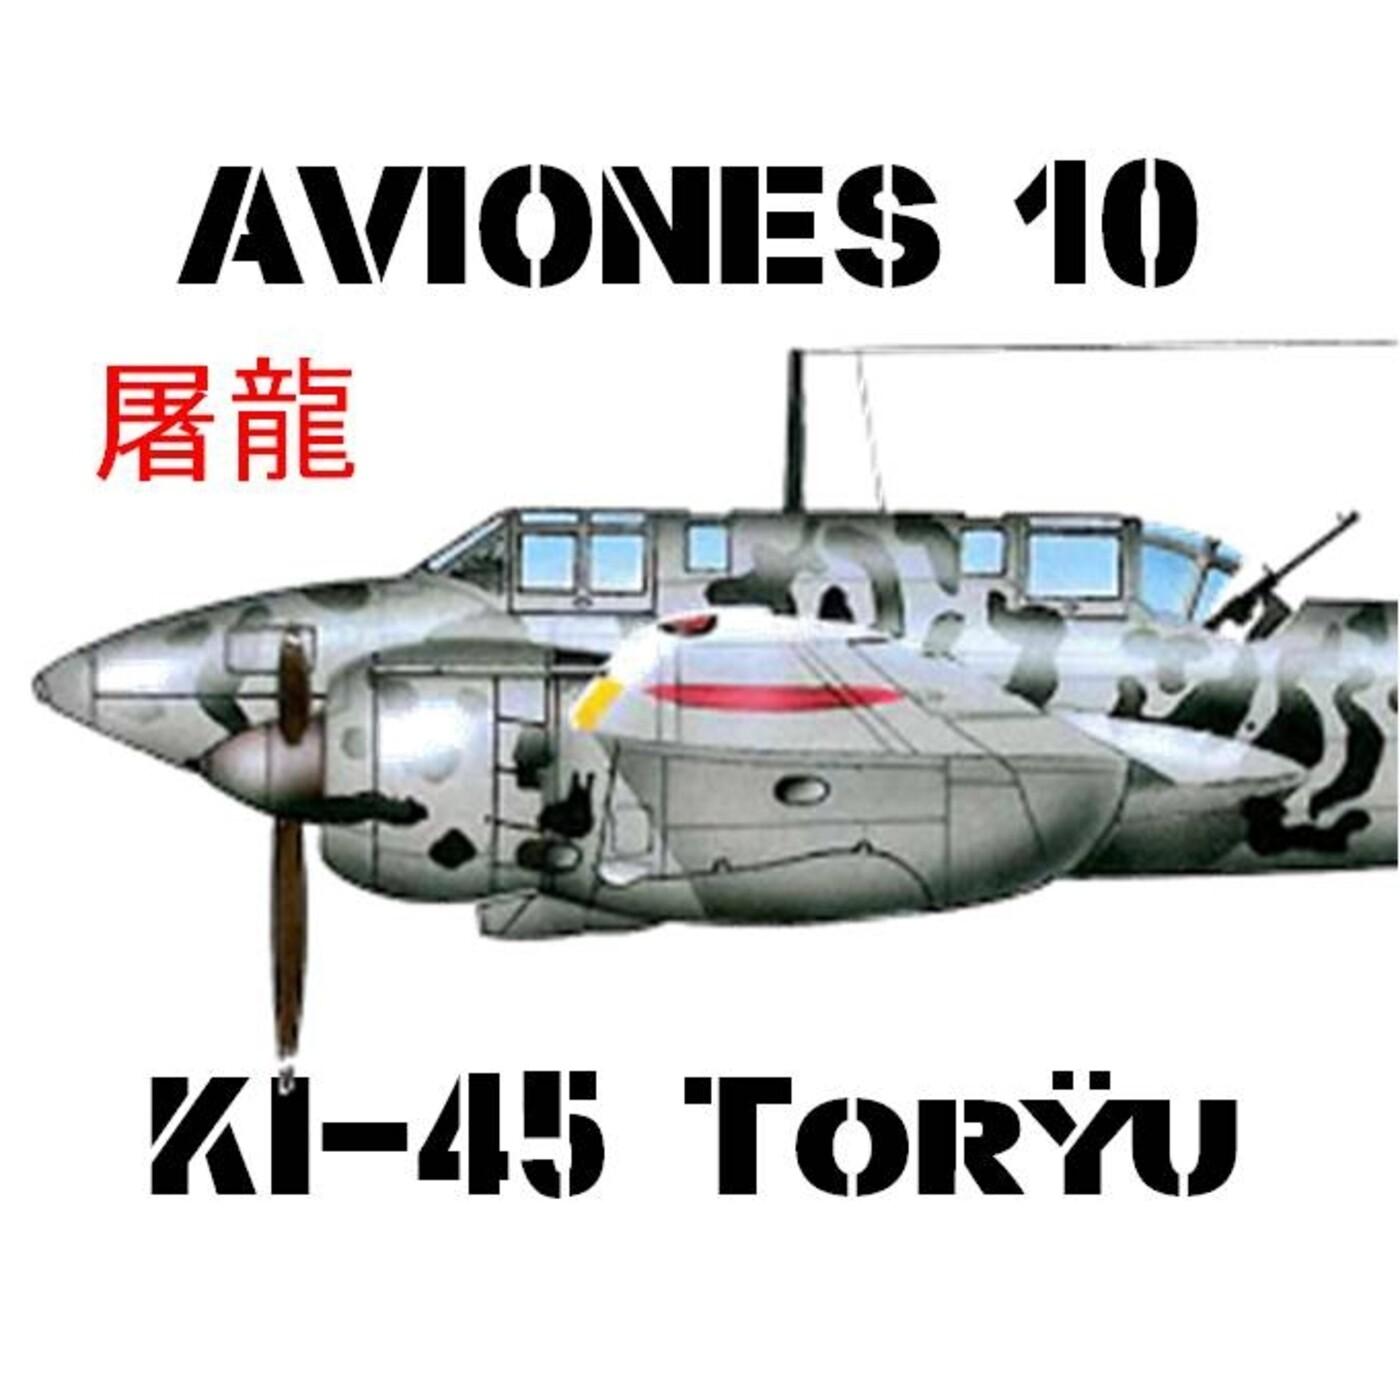 AVIONES 10 #81 KI-45 Toryu, el Asesino de Dragones